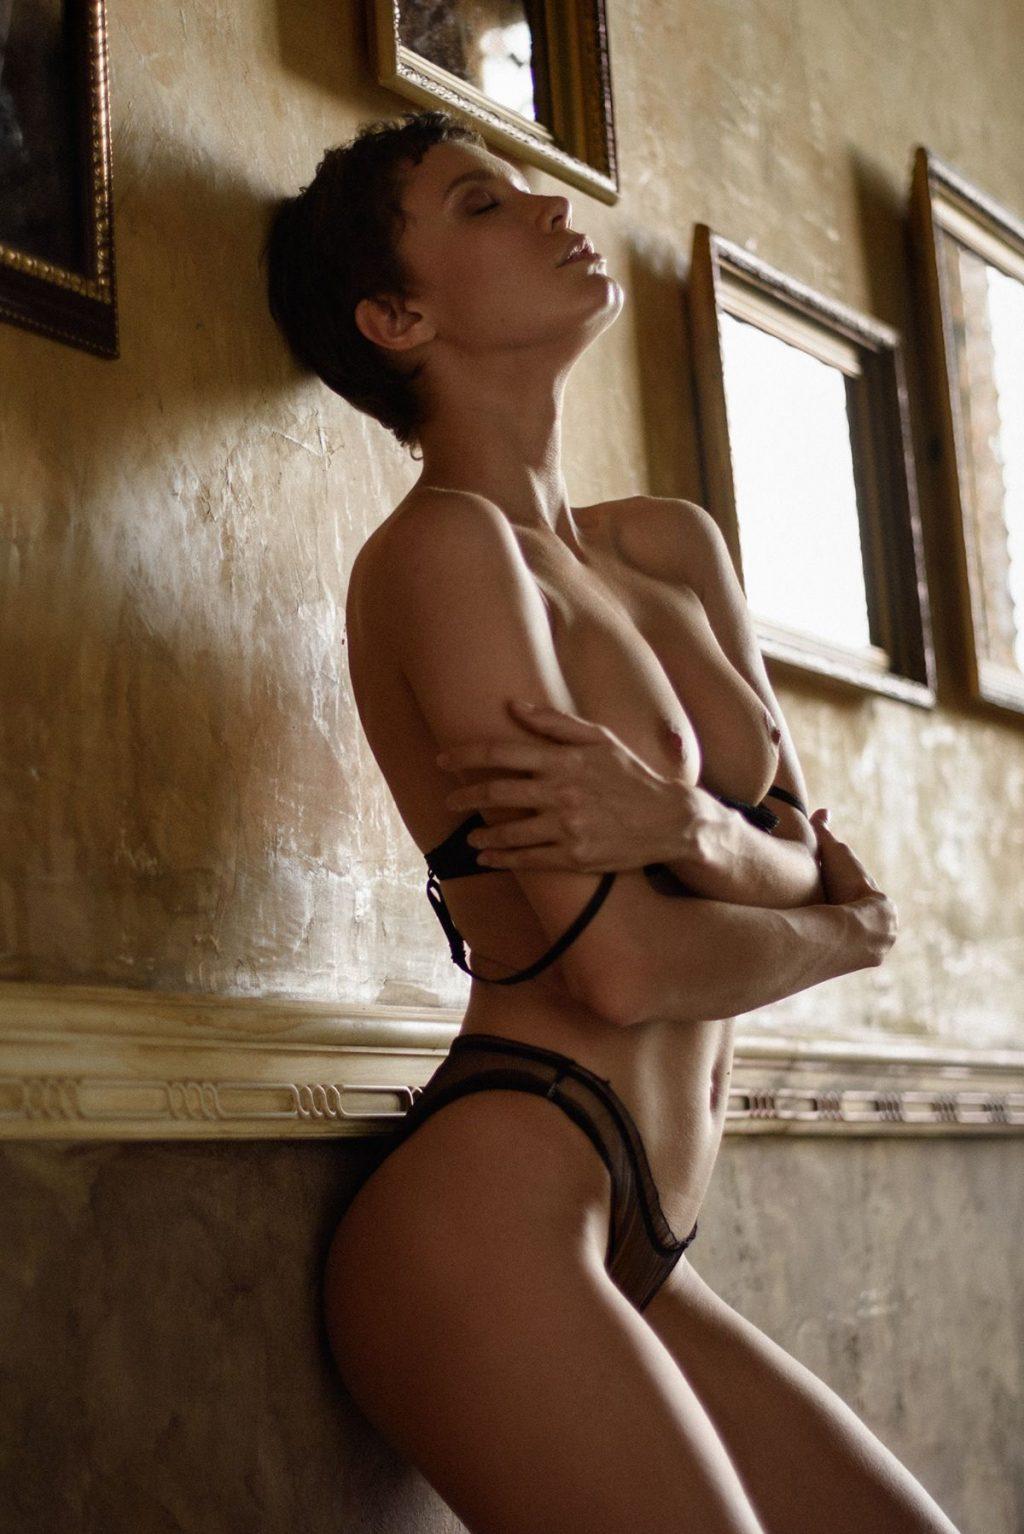 Oksana Chucha Posing by the Wall, Exposing Her Boobs